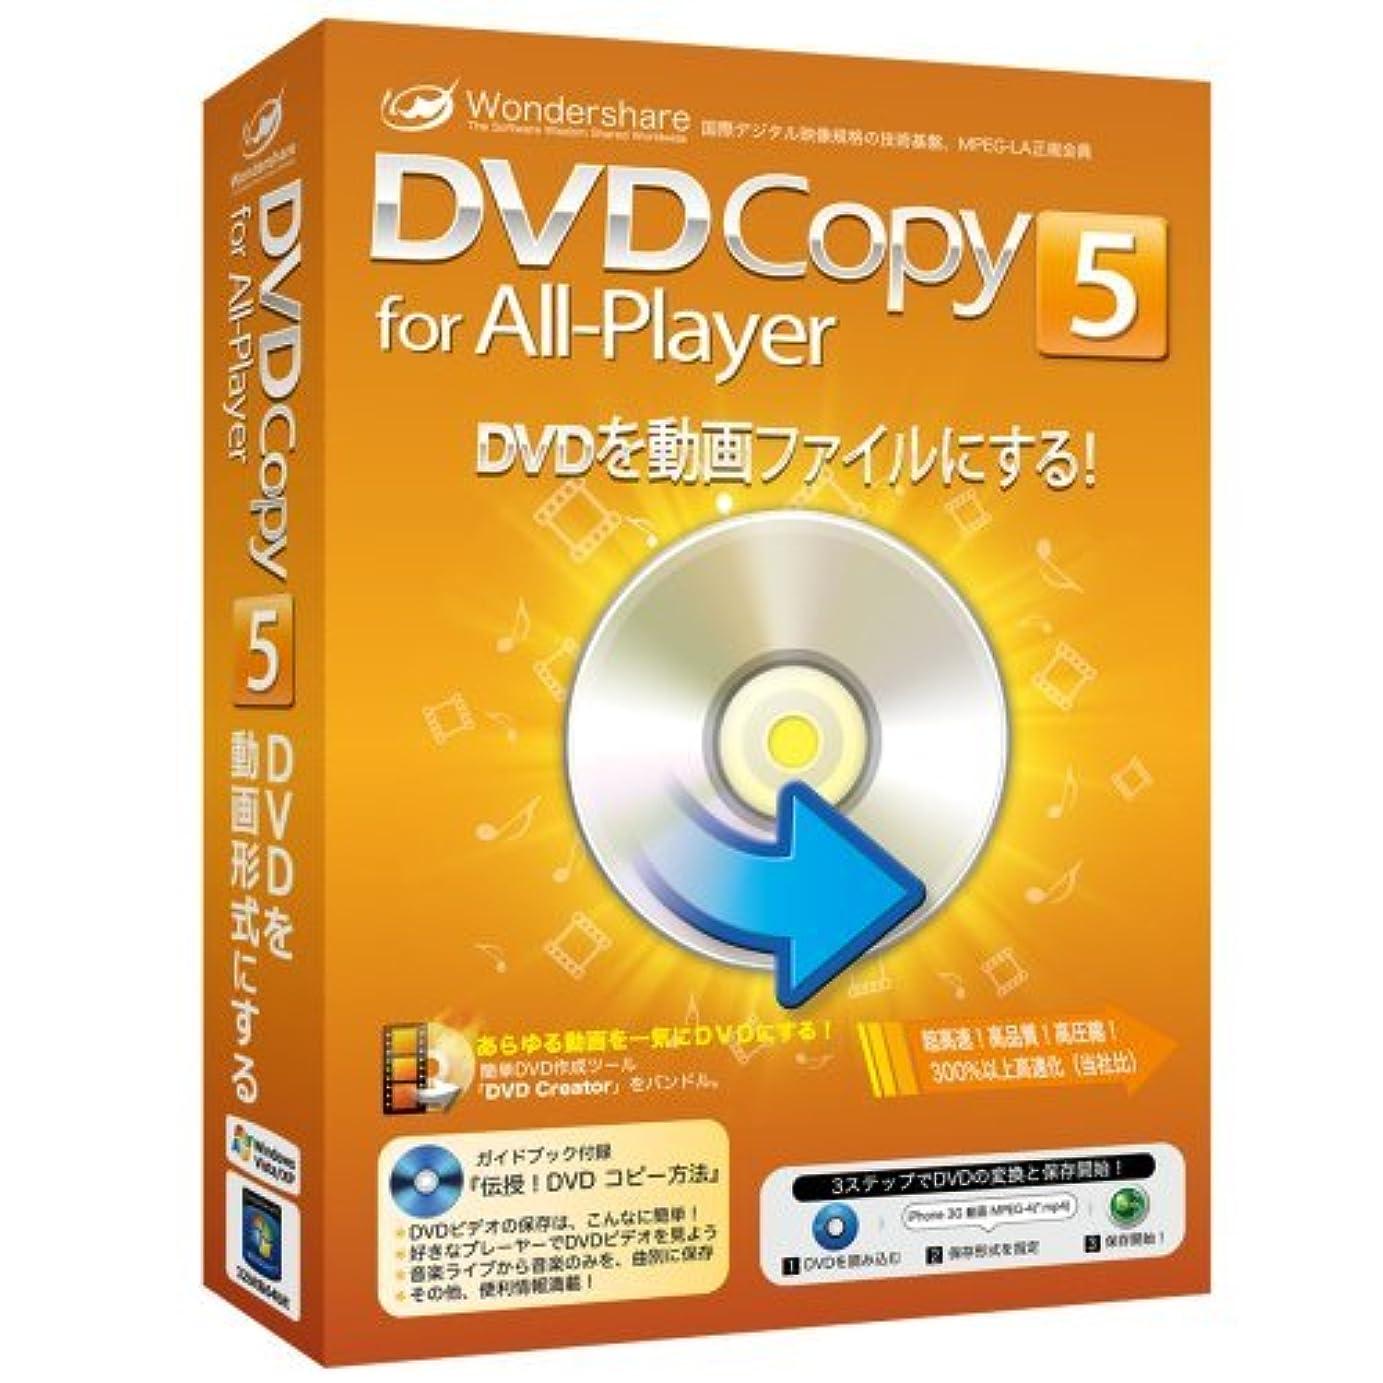 光沢回転旅行者トランスゲート DVD Copy for All-Player 5 (Win)